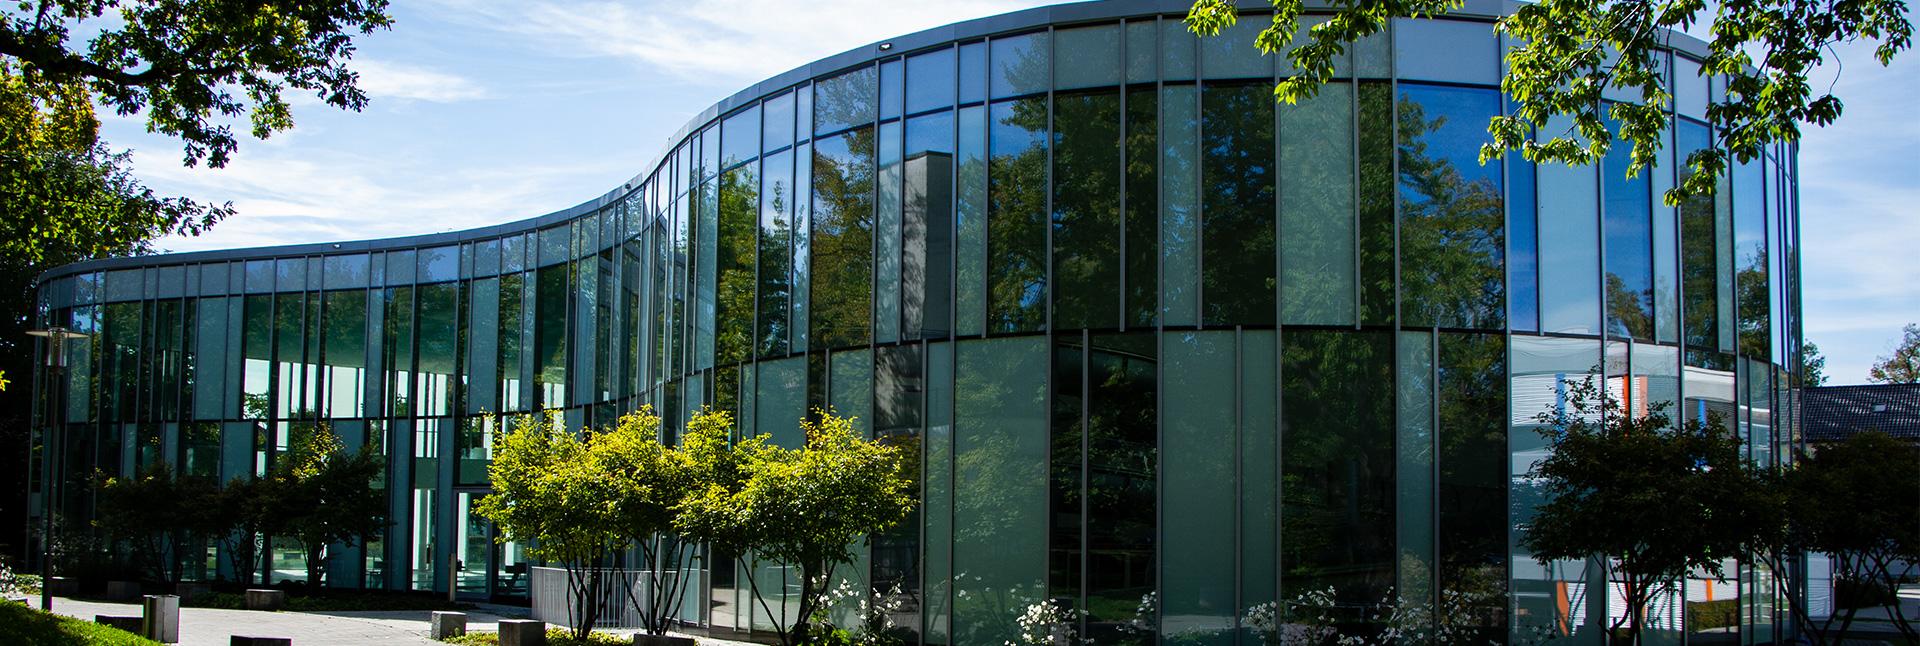 Fassade des Ismaninger Hallenbads.